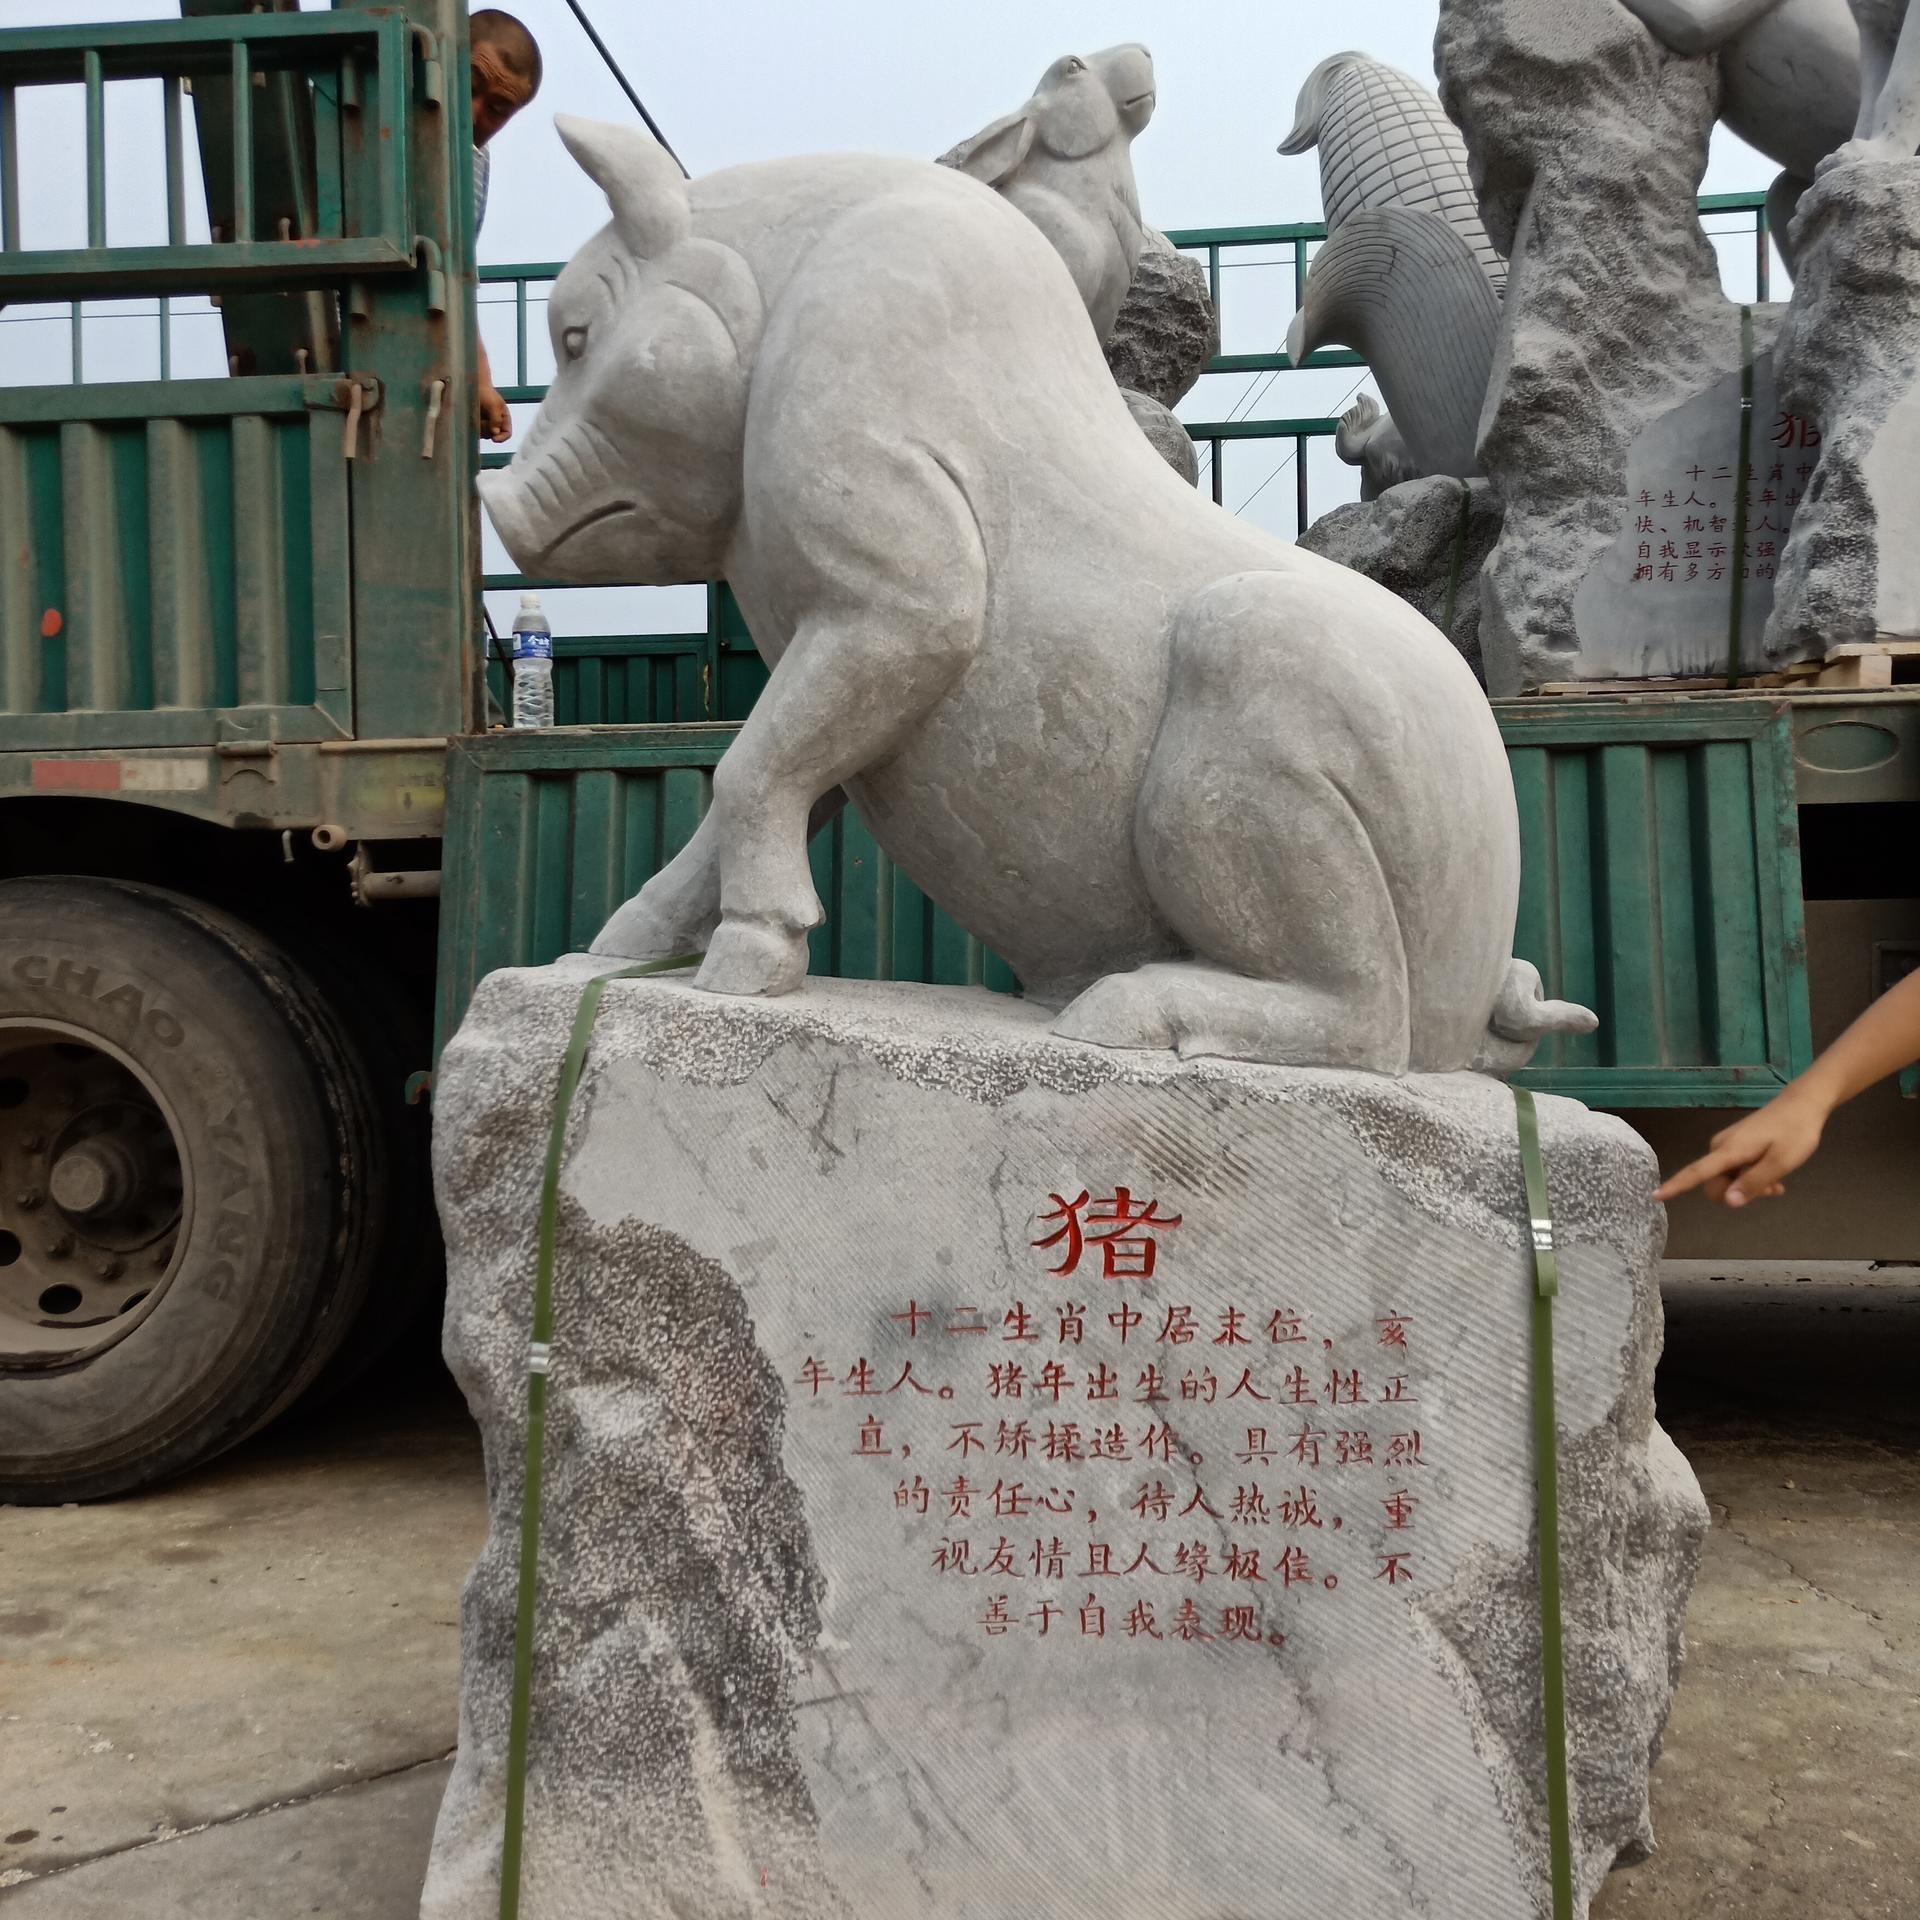 猪石雕 十二生肖雕塑摆件 英翰园林雕塑